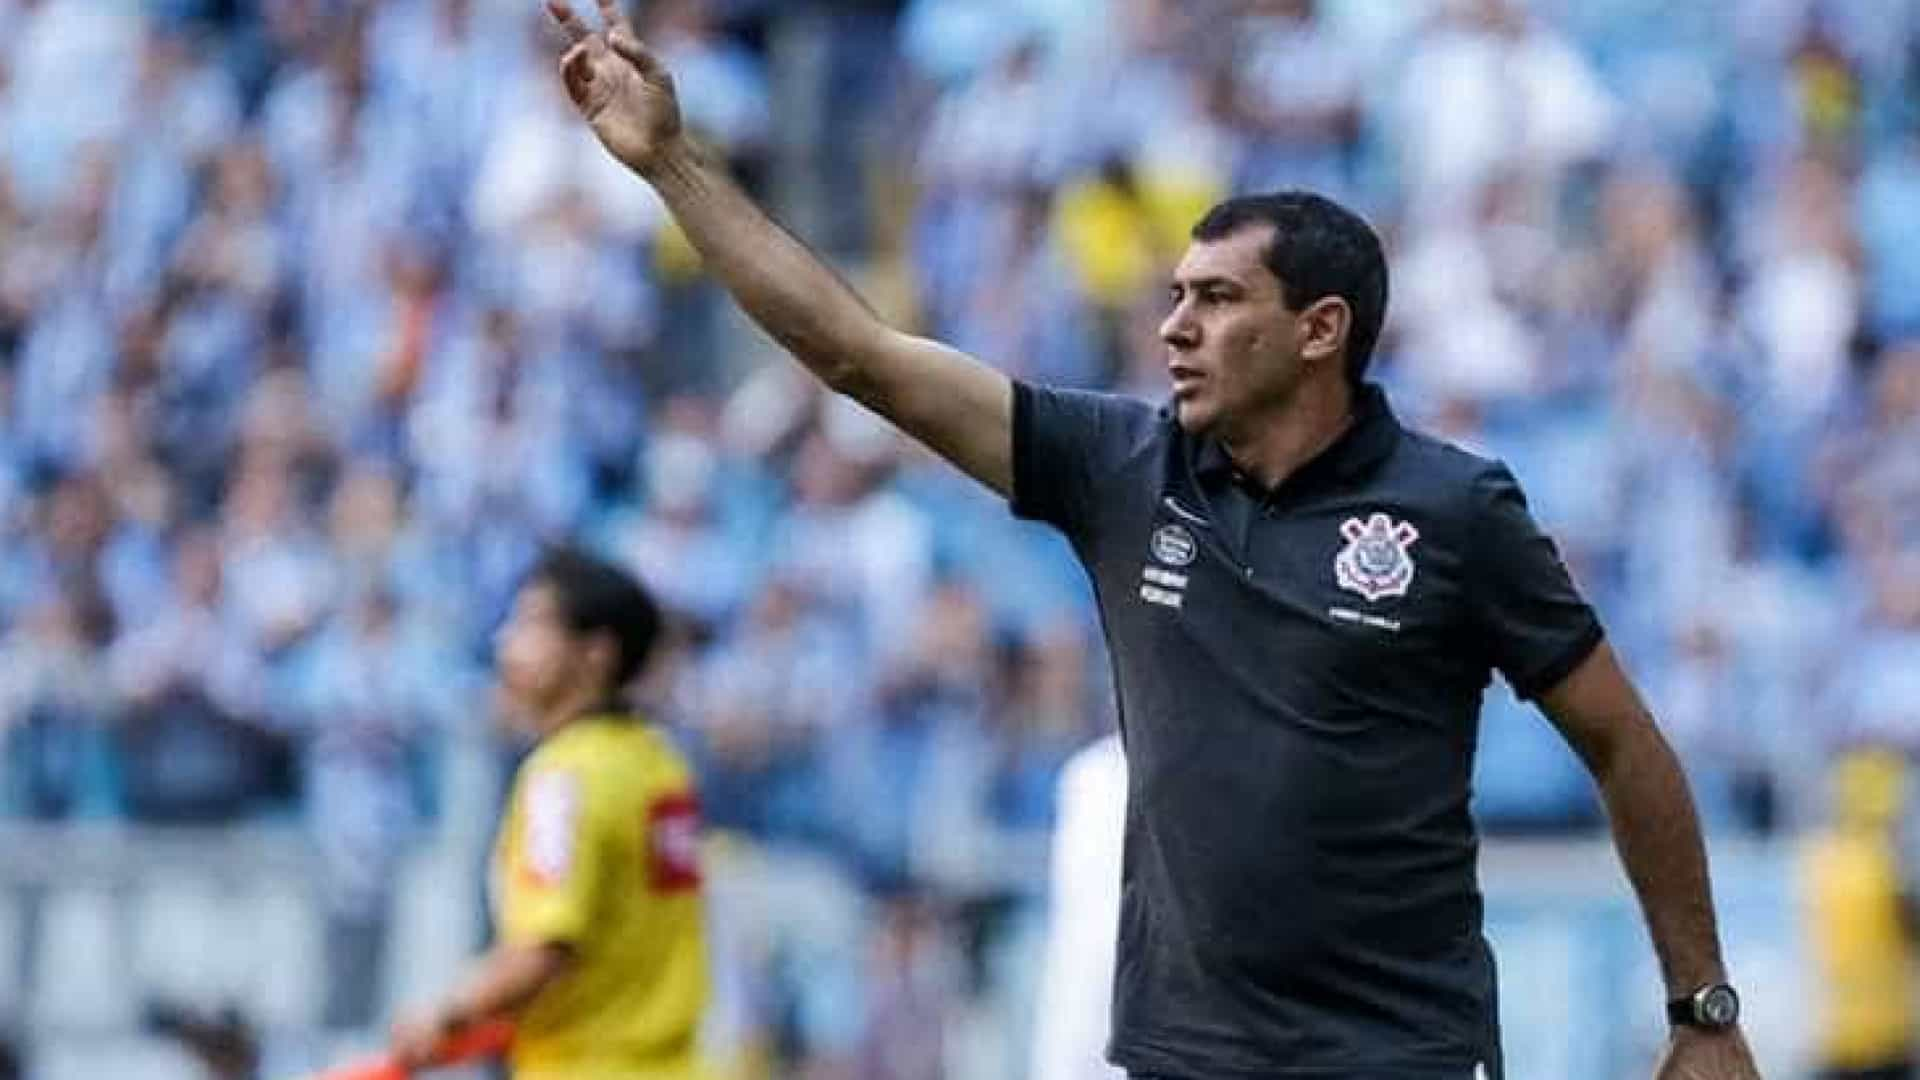 Carille admite Corinthians devendo: 'Temos de melhorar muito mais'